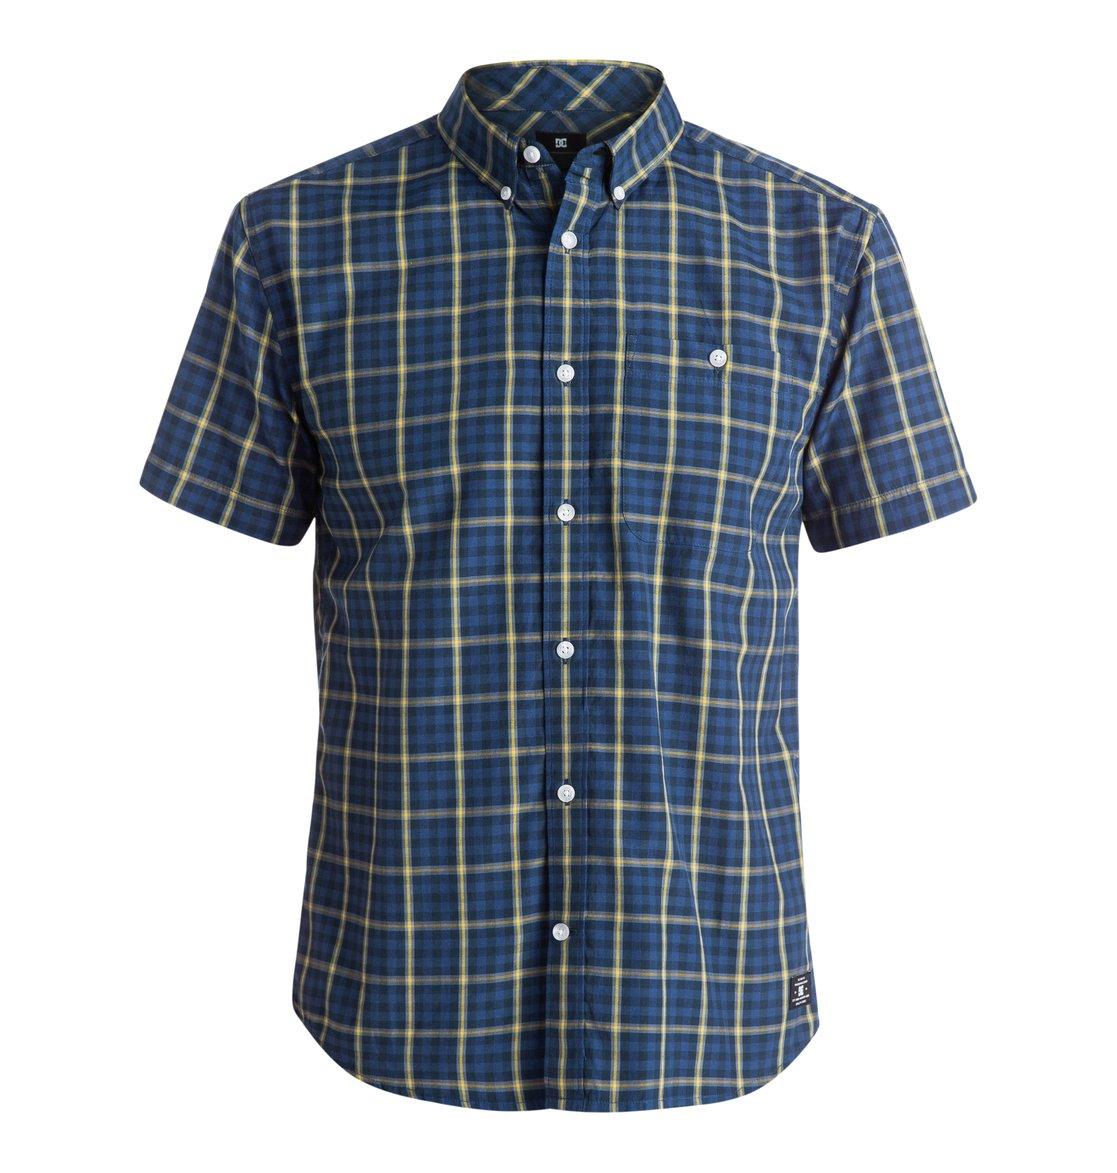 Здесь можно купить   Atura 2 - Short Sleeve Shirt Новые поступления